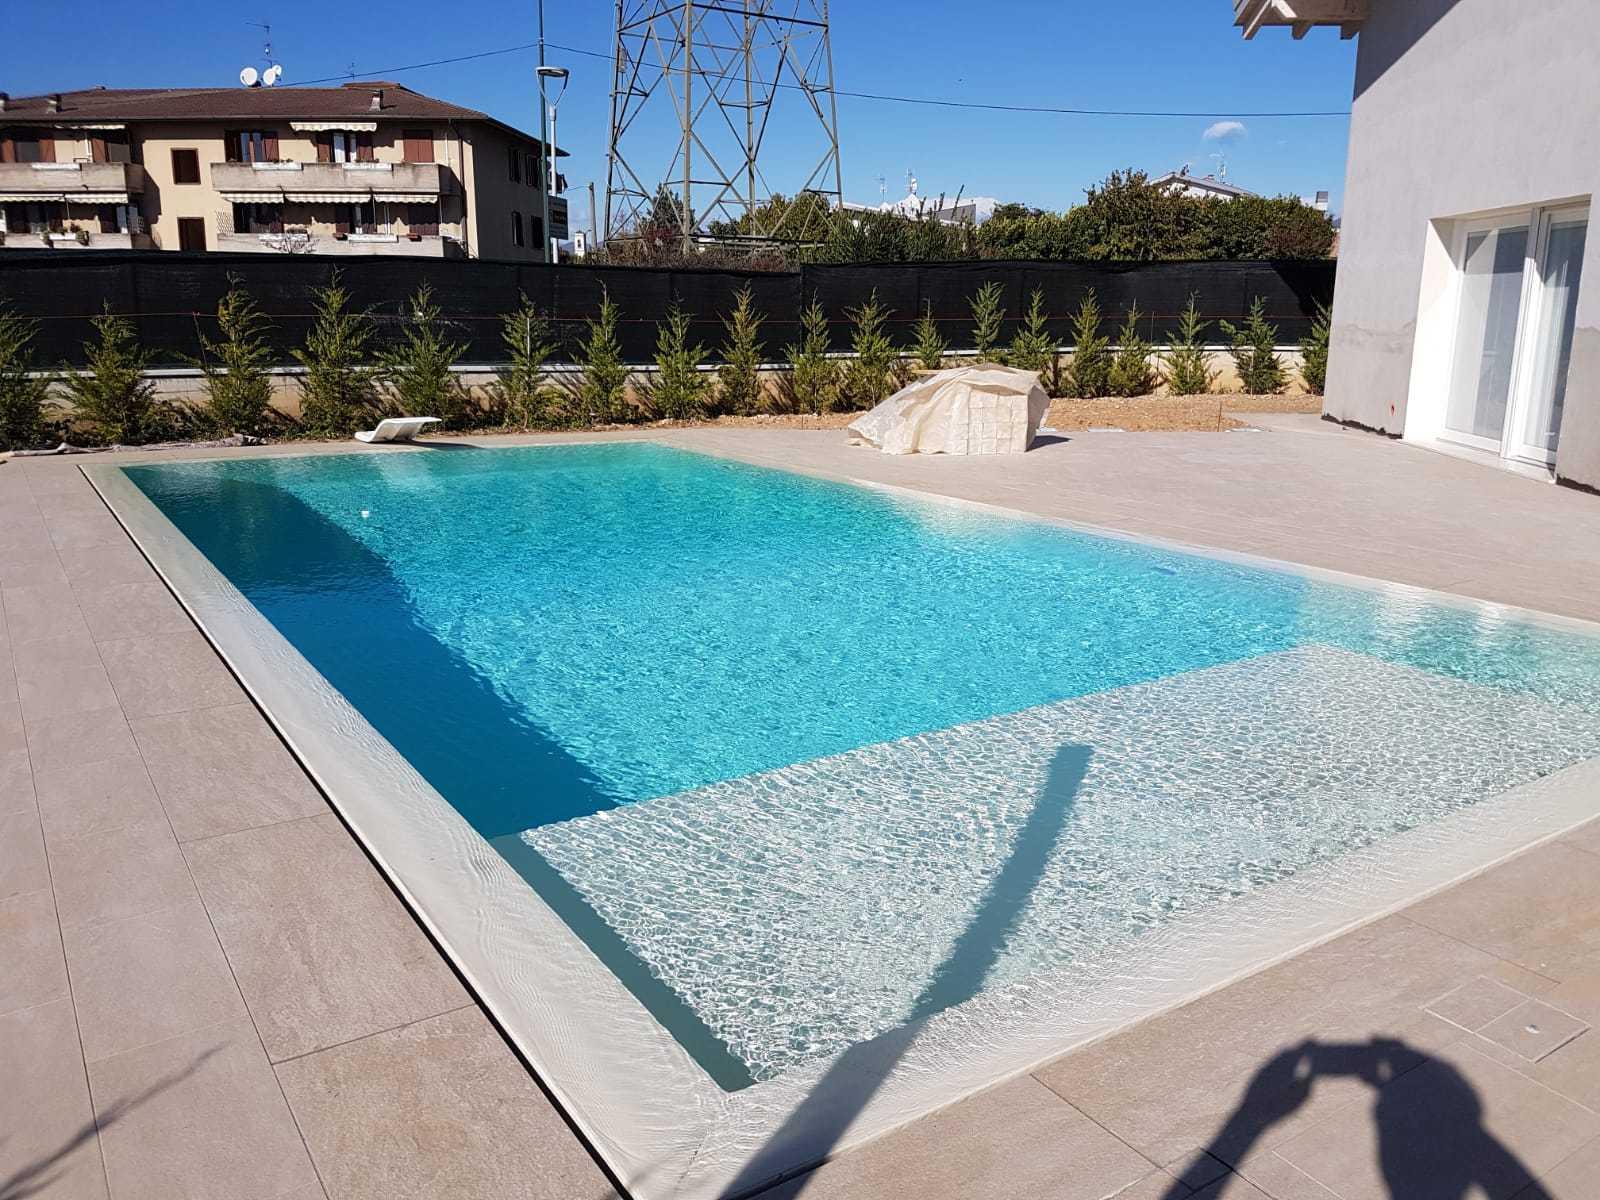 Piscine Sfioro A Cascata piscine a sfioro – il panorama s.r.l.